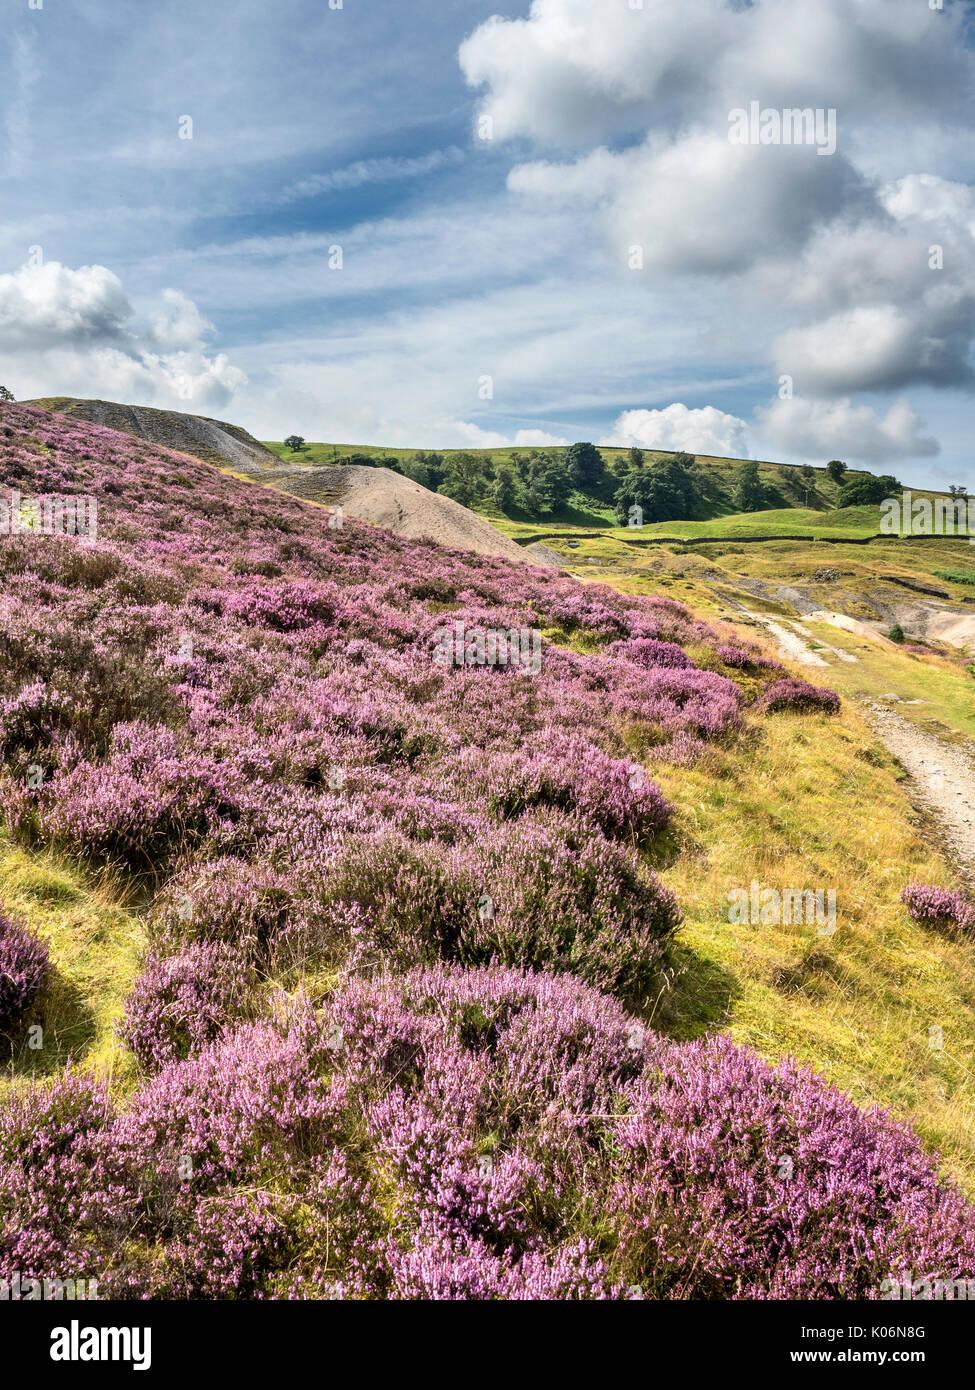 Heather in voller Blüte und Alten Halden bei Wohlhabenden Mine in der Nähe von greenhow Pateley Bridge Nidderdale AONB Yorkshire England Stockbild